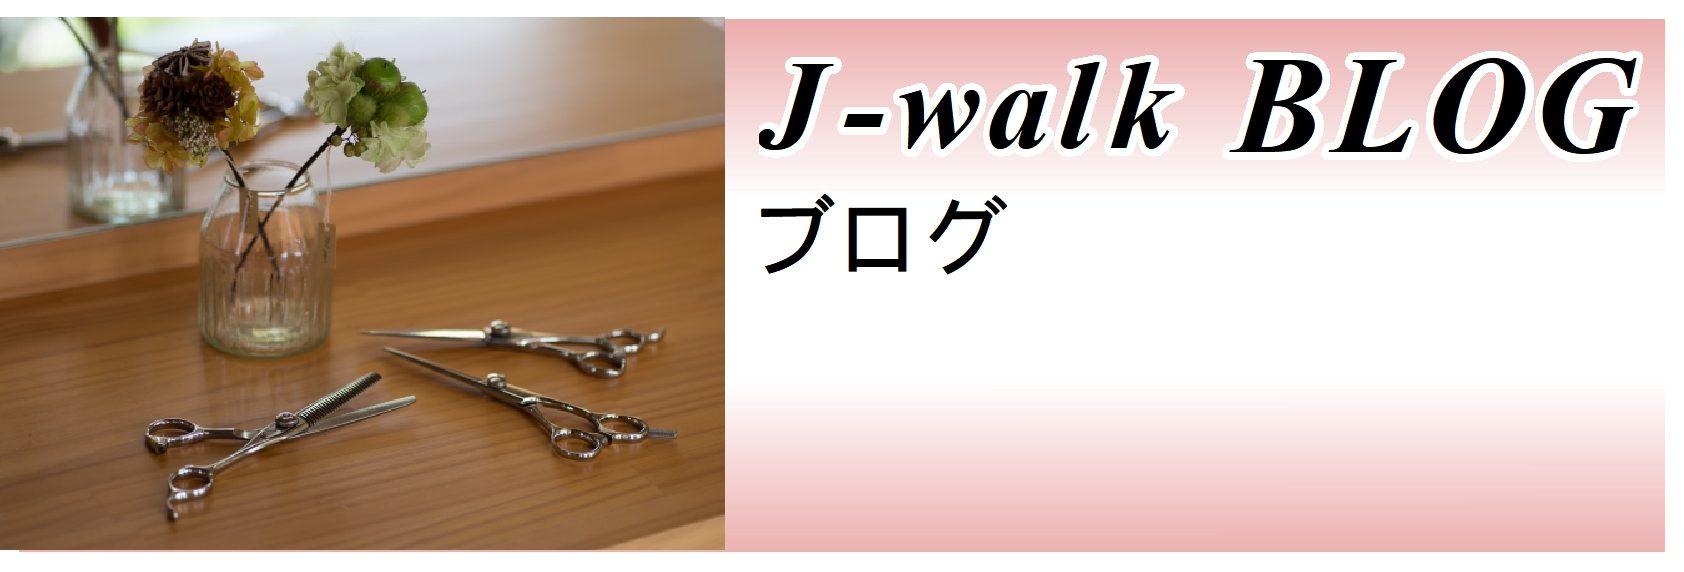 美容室J-walkのブログ